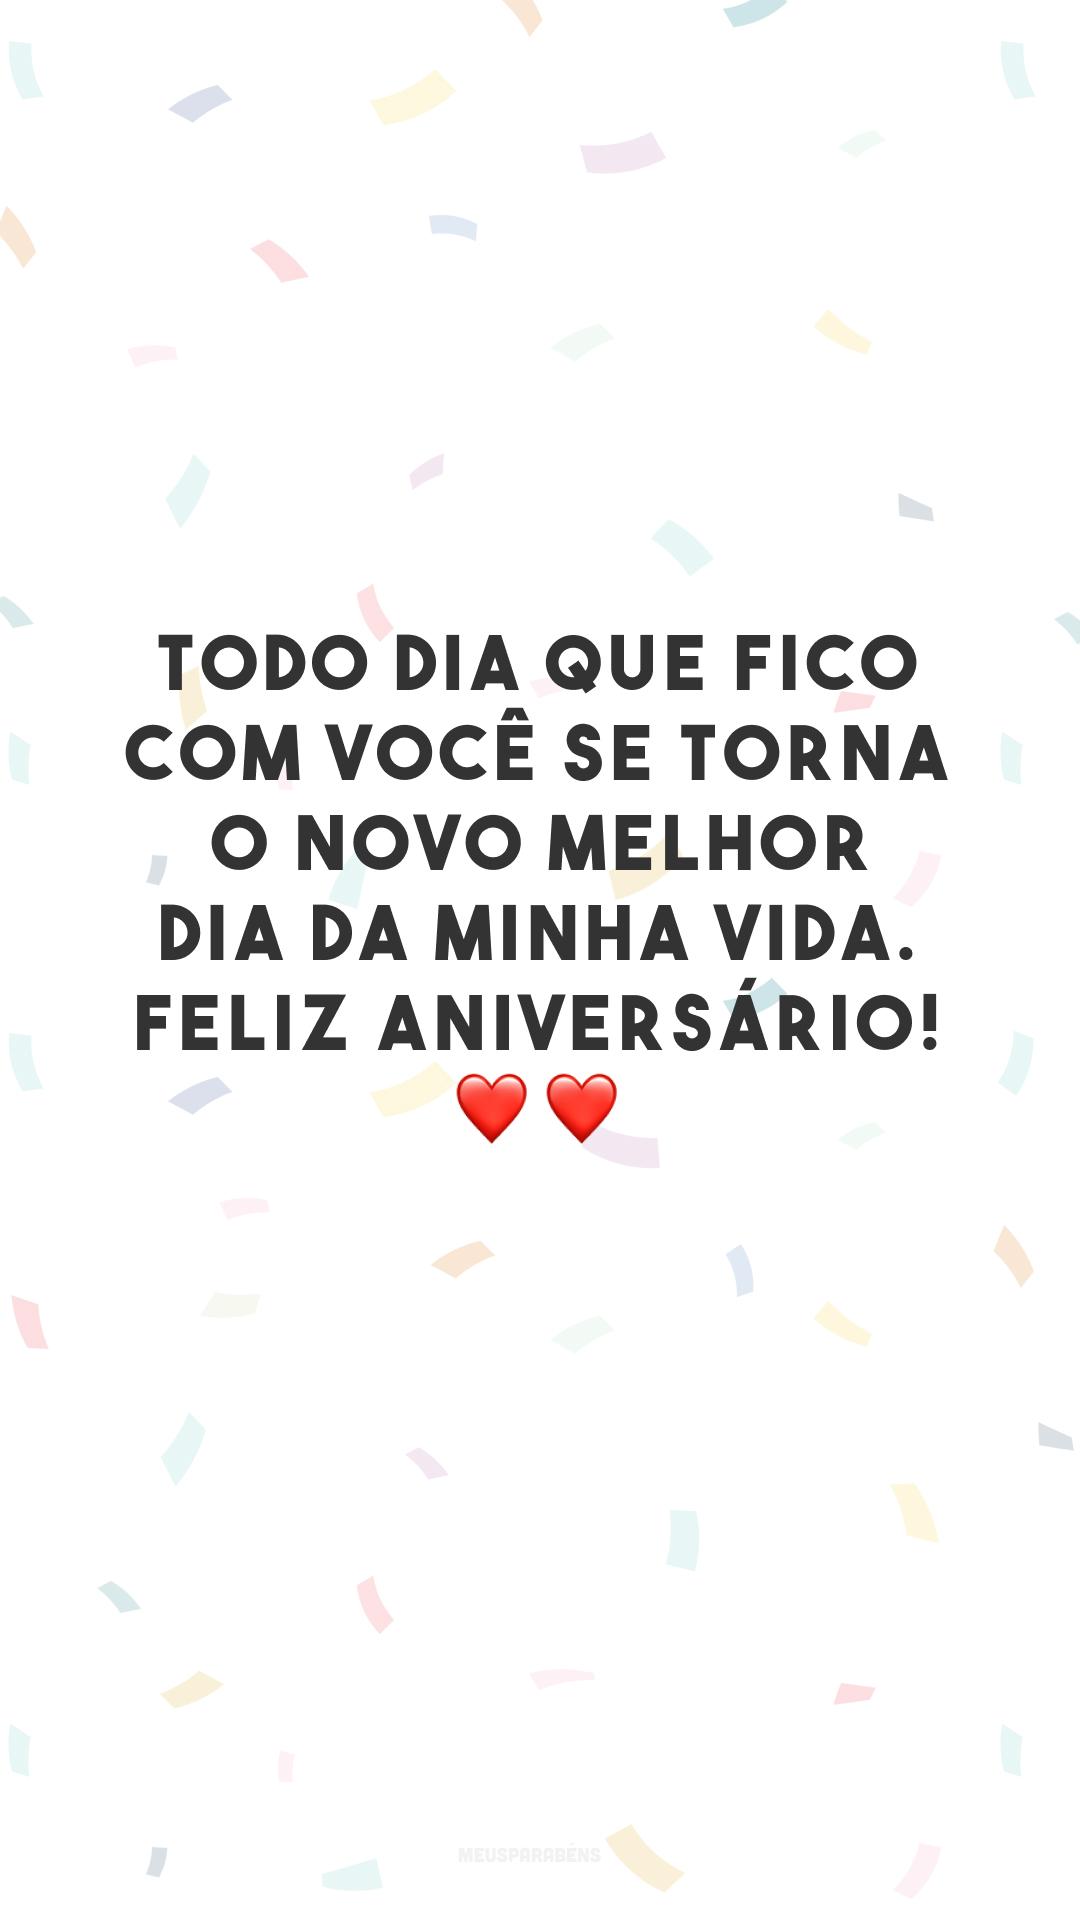 Todo dia que fico com você se torna o novo melhor dia da minha vida. Feliz aniversário! ❤️❤️